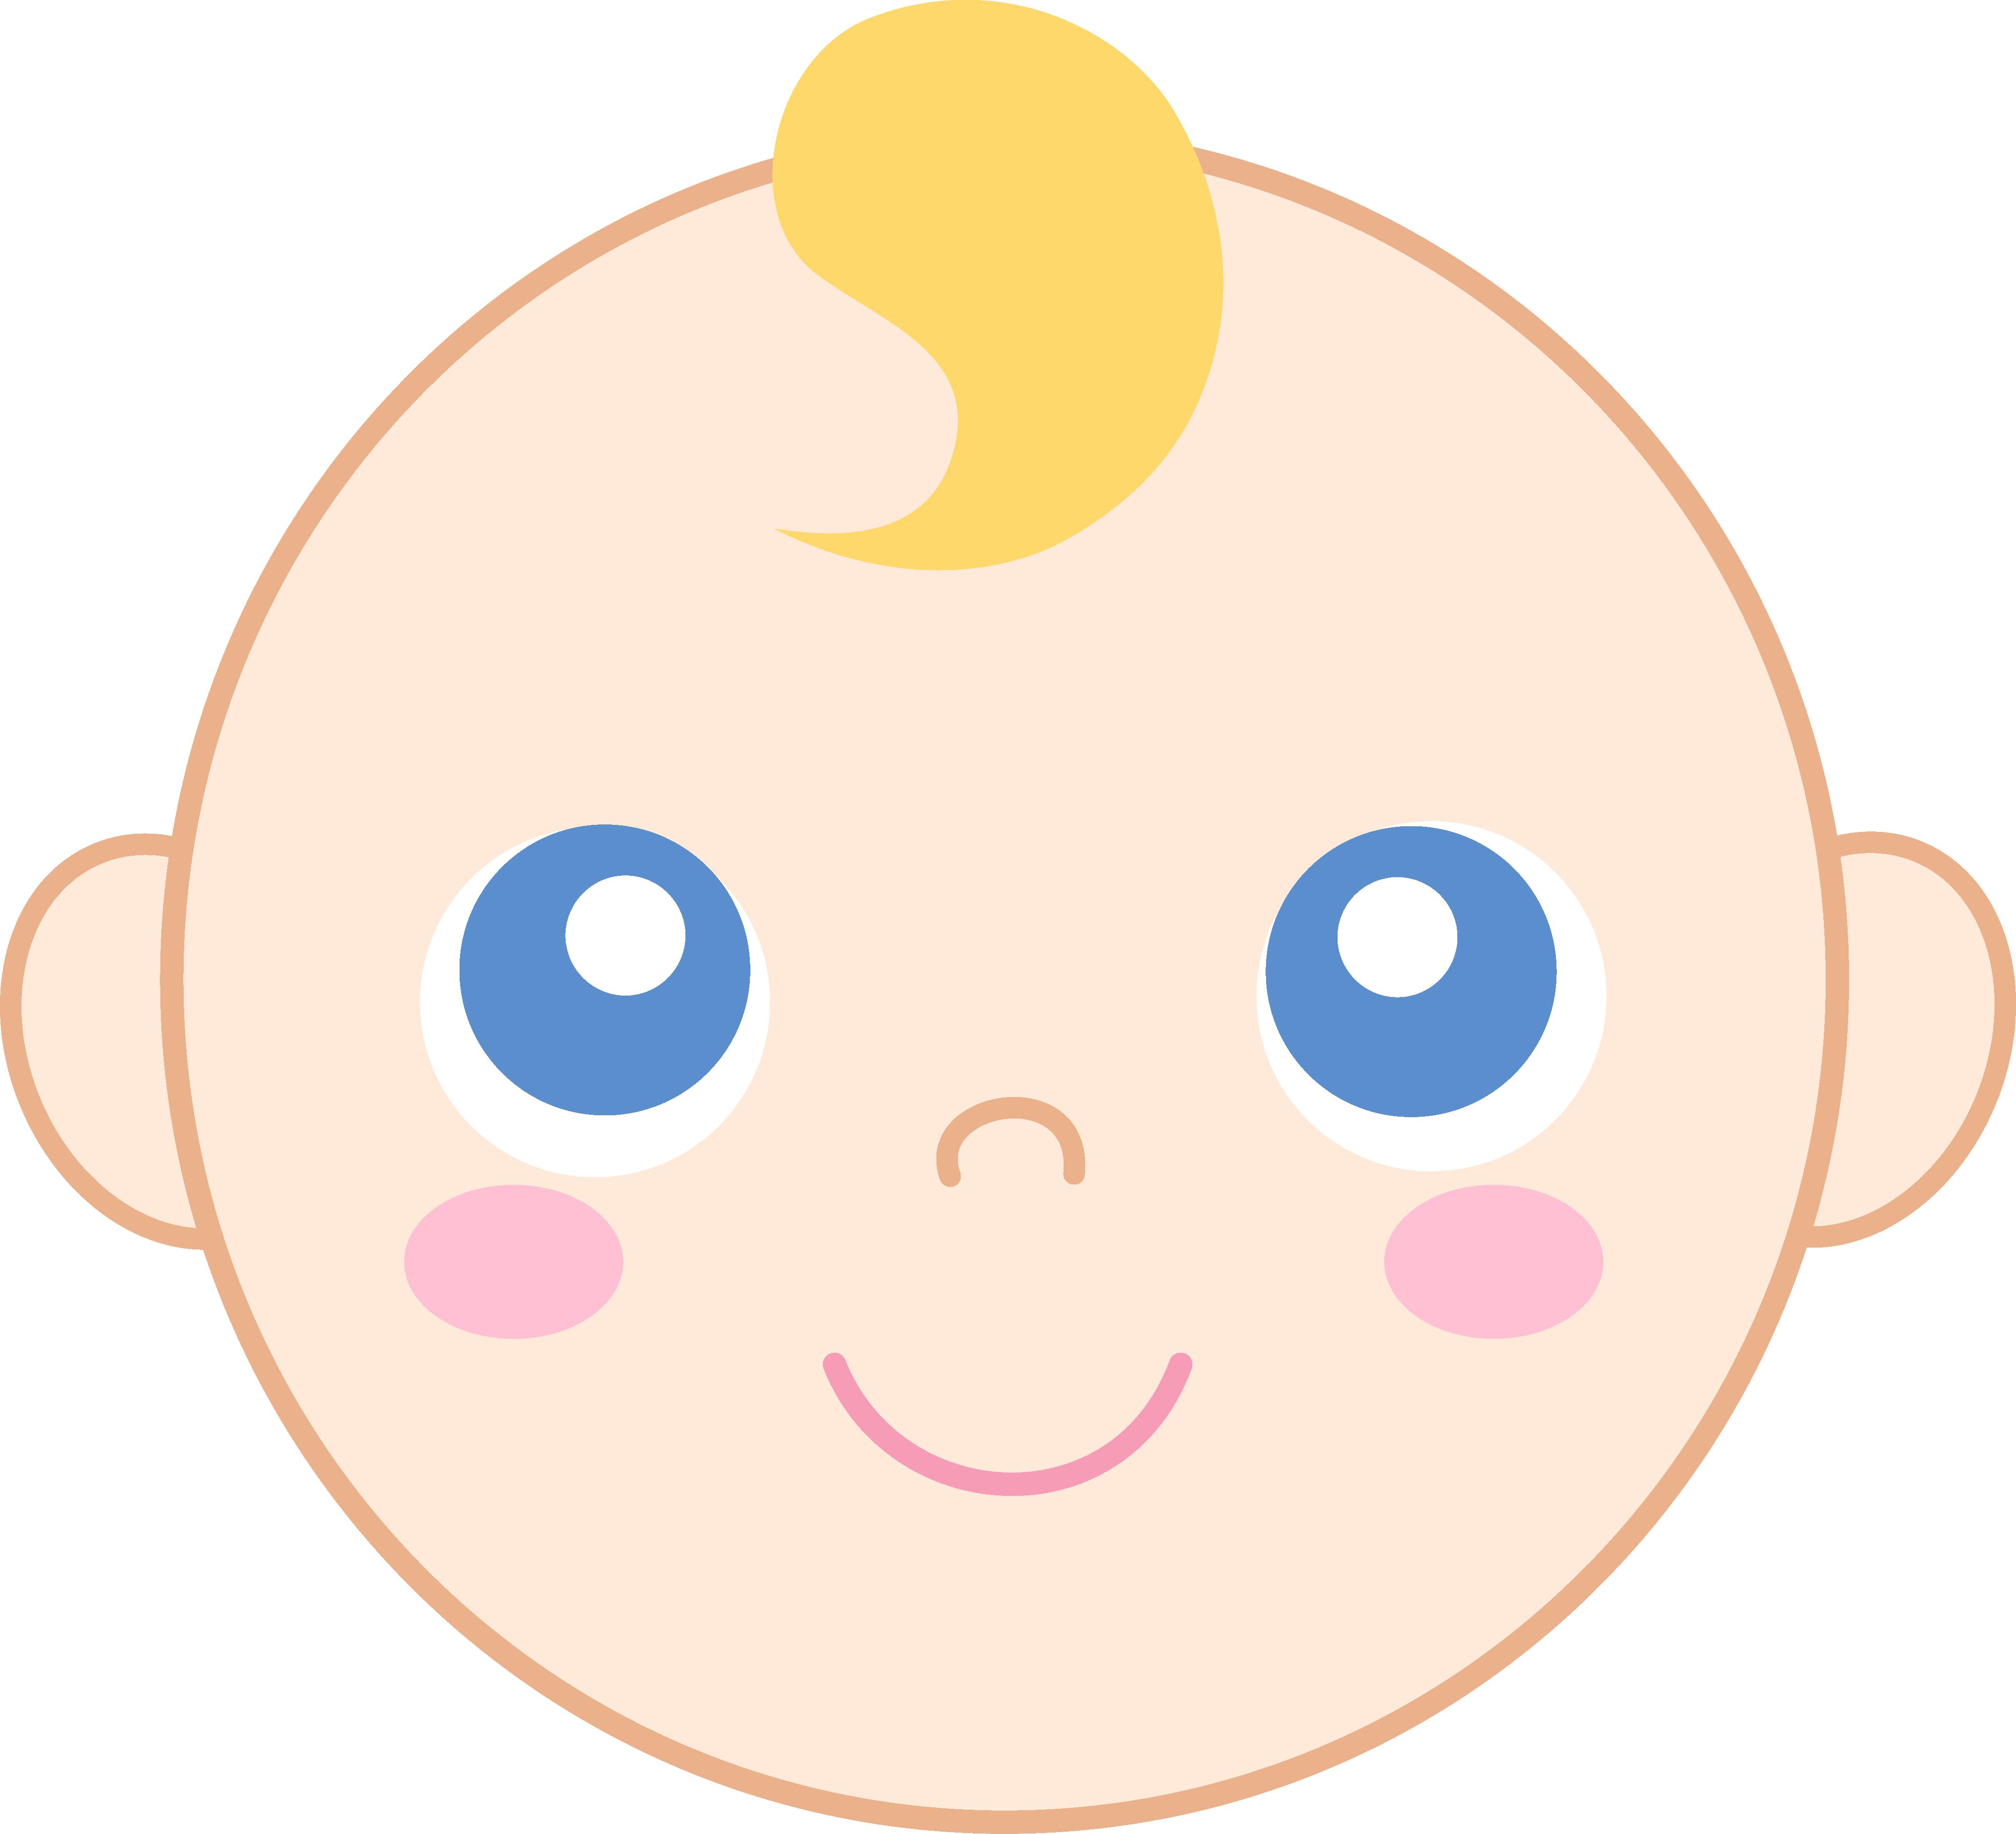 4312x3922 Clipart Infant Face